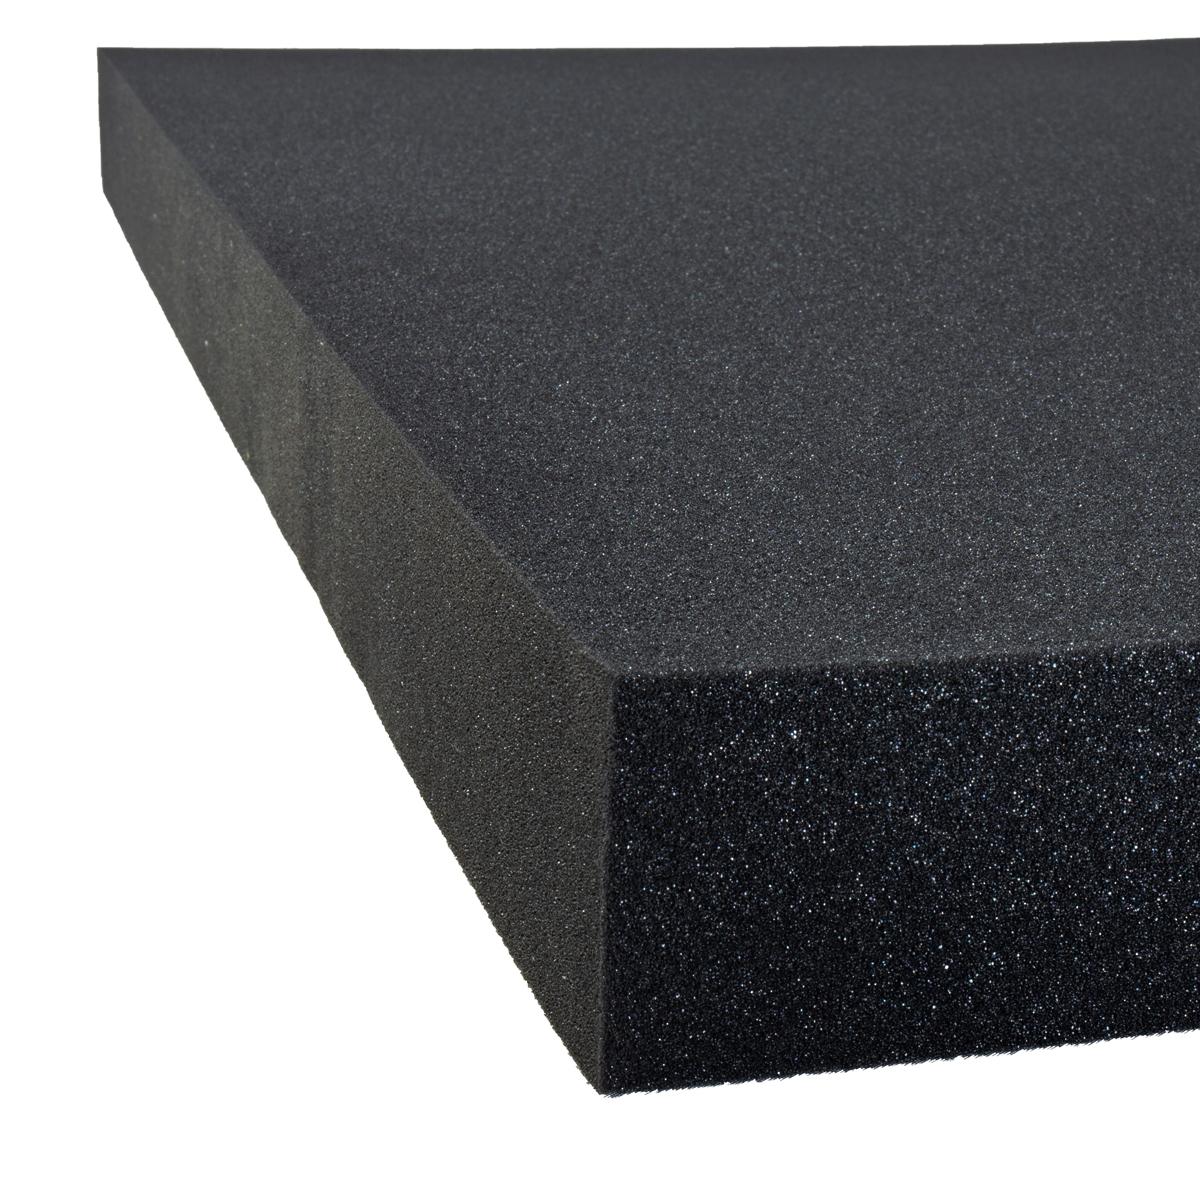 Open Cell Foam Sheets